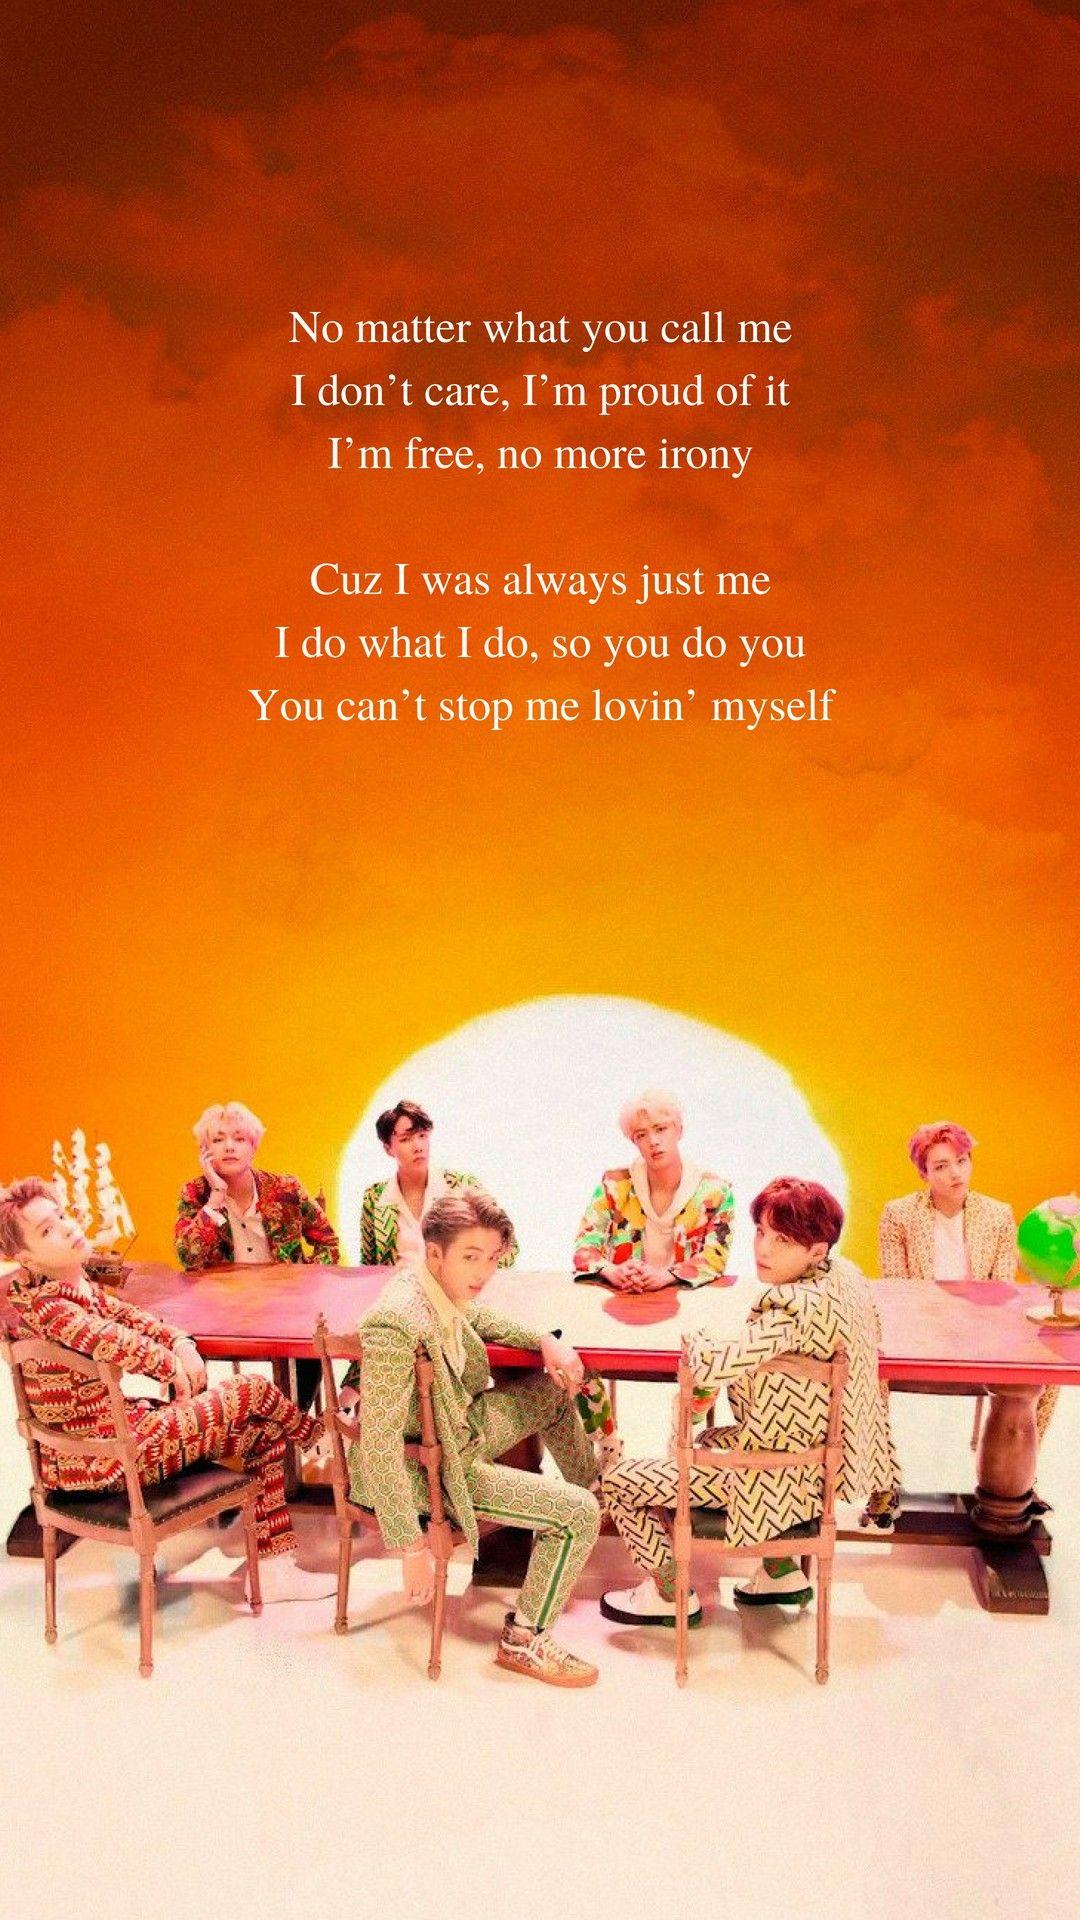 IDOL by BTS Lyrics wallpaper in 2019 Bts wallpaper lyrics